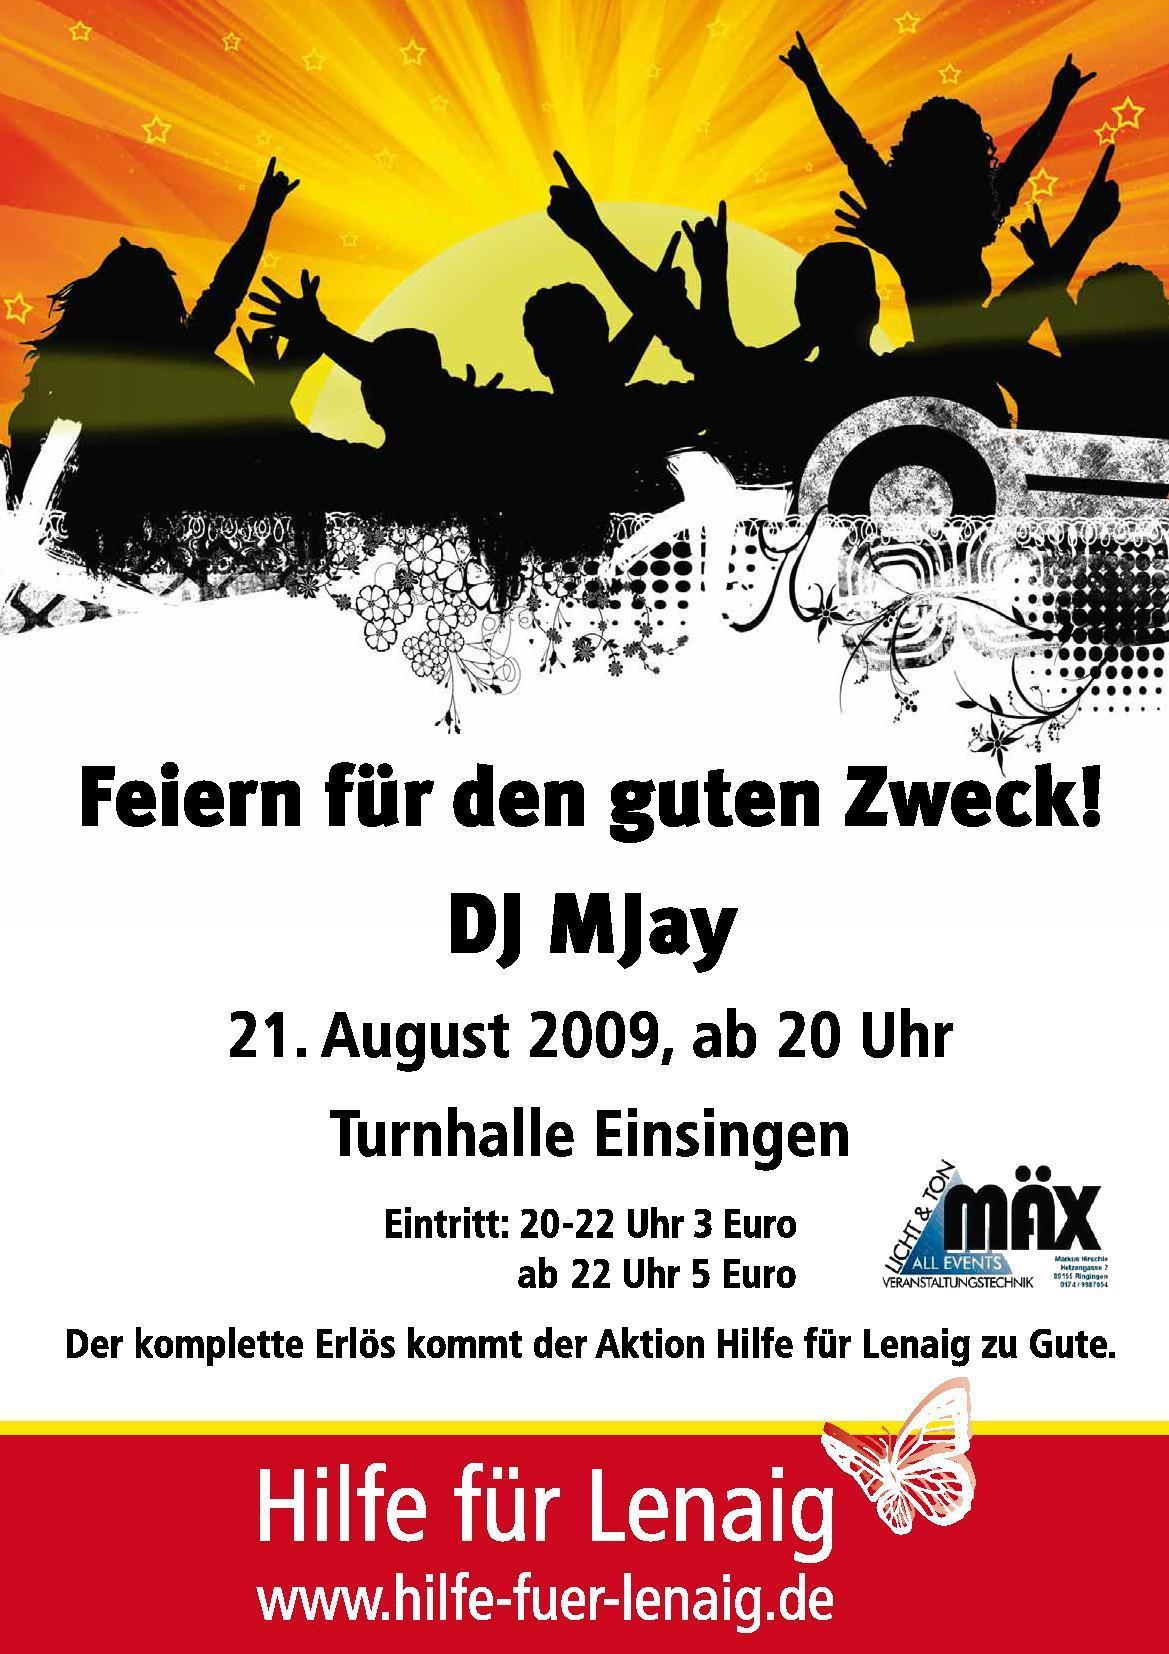 http://img4.abload.de/img/flyerlayi.jpg